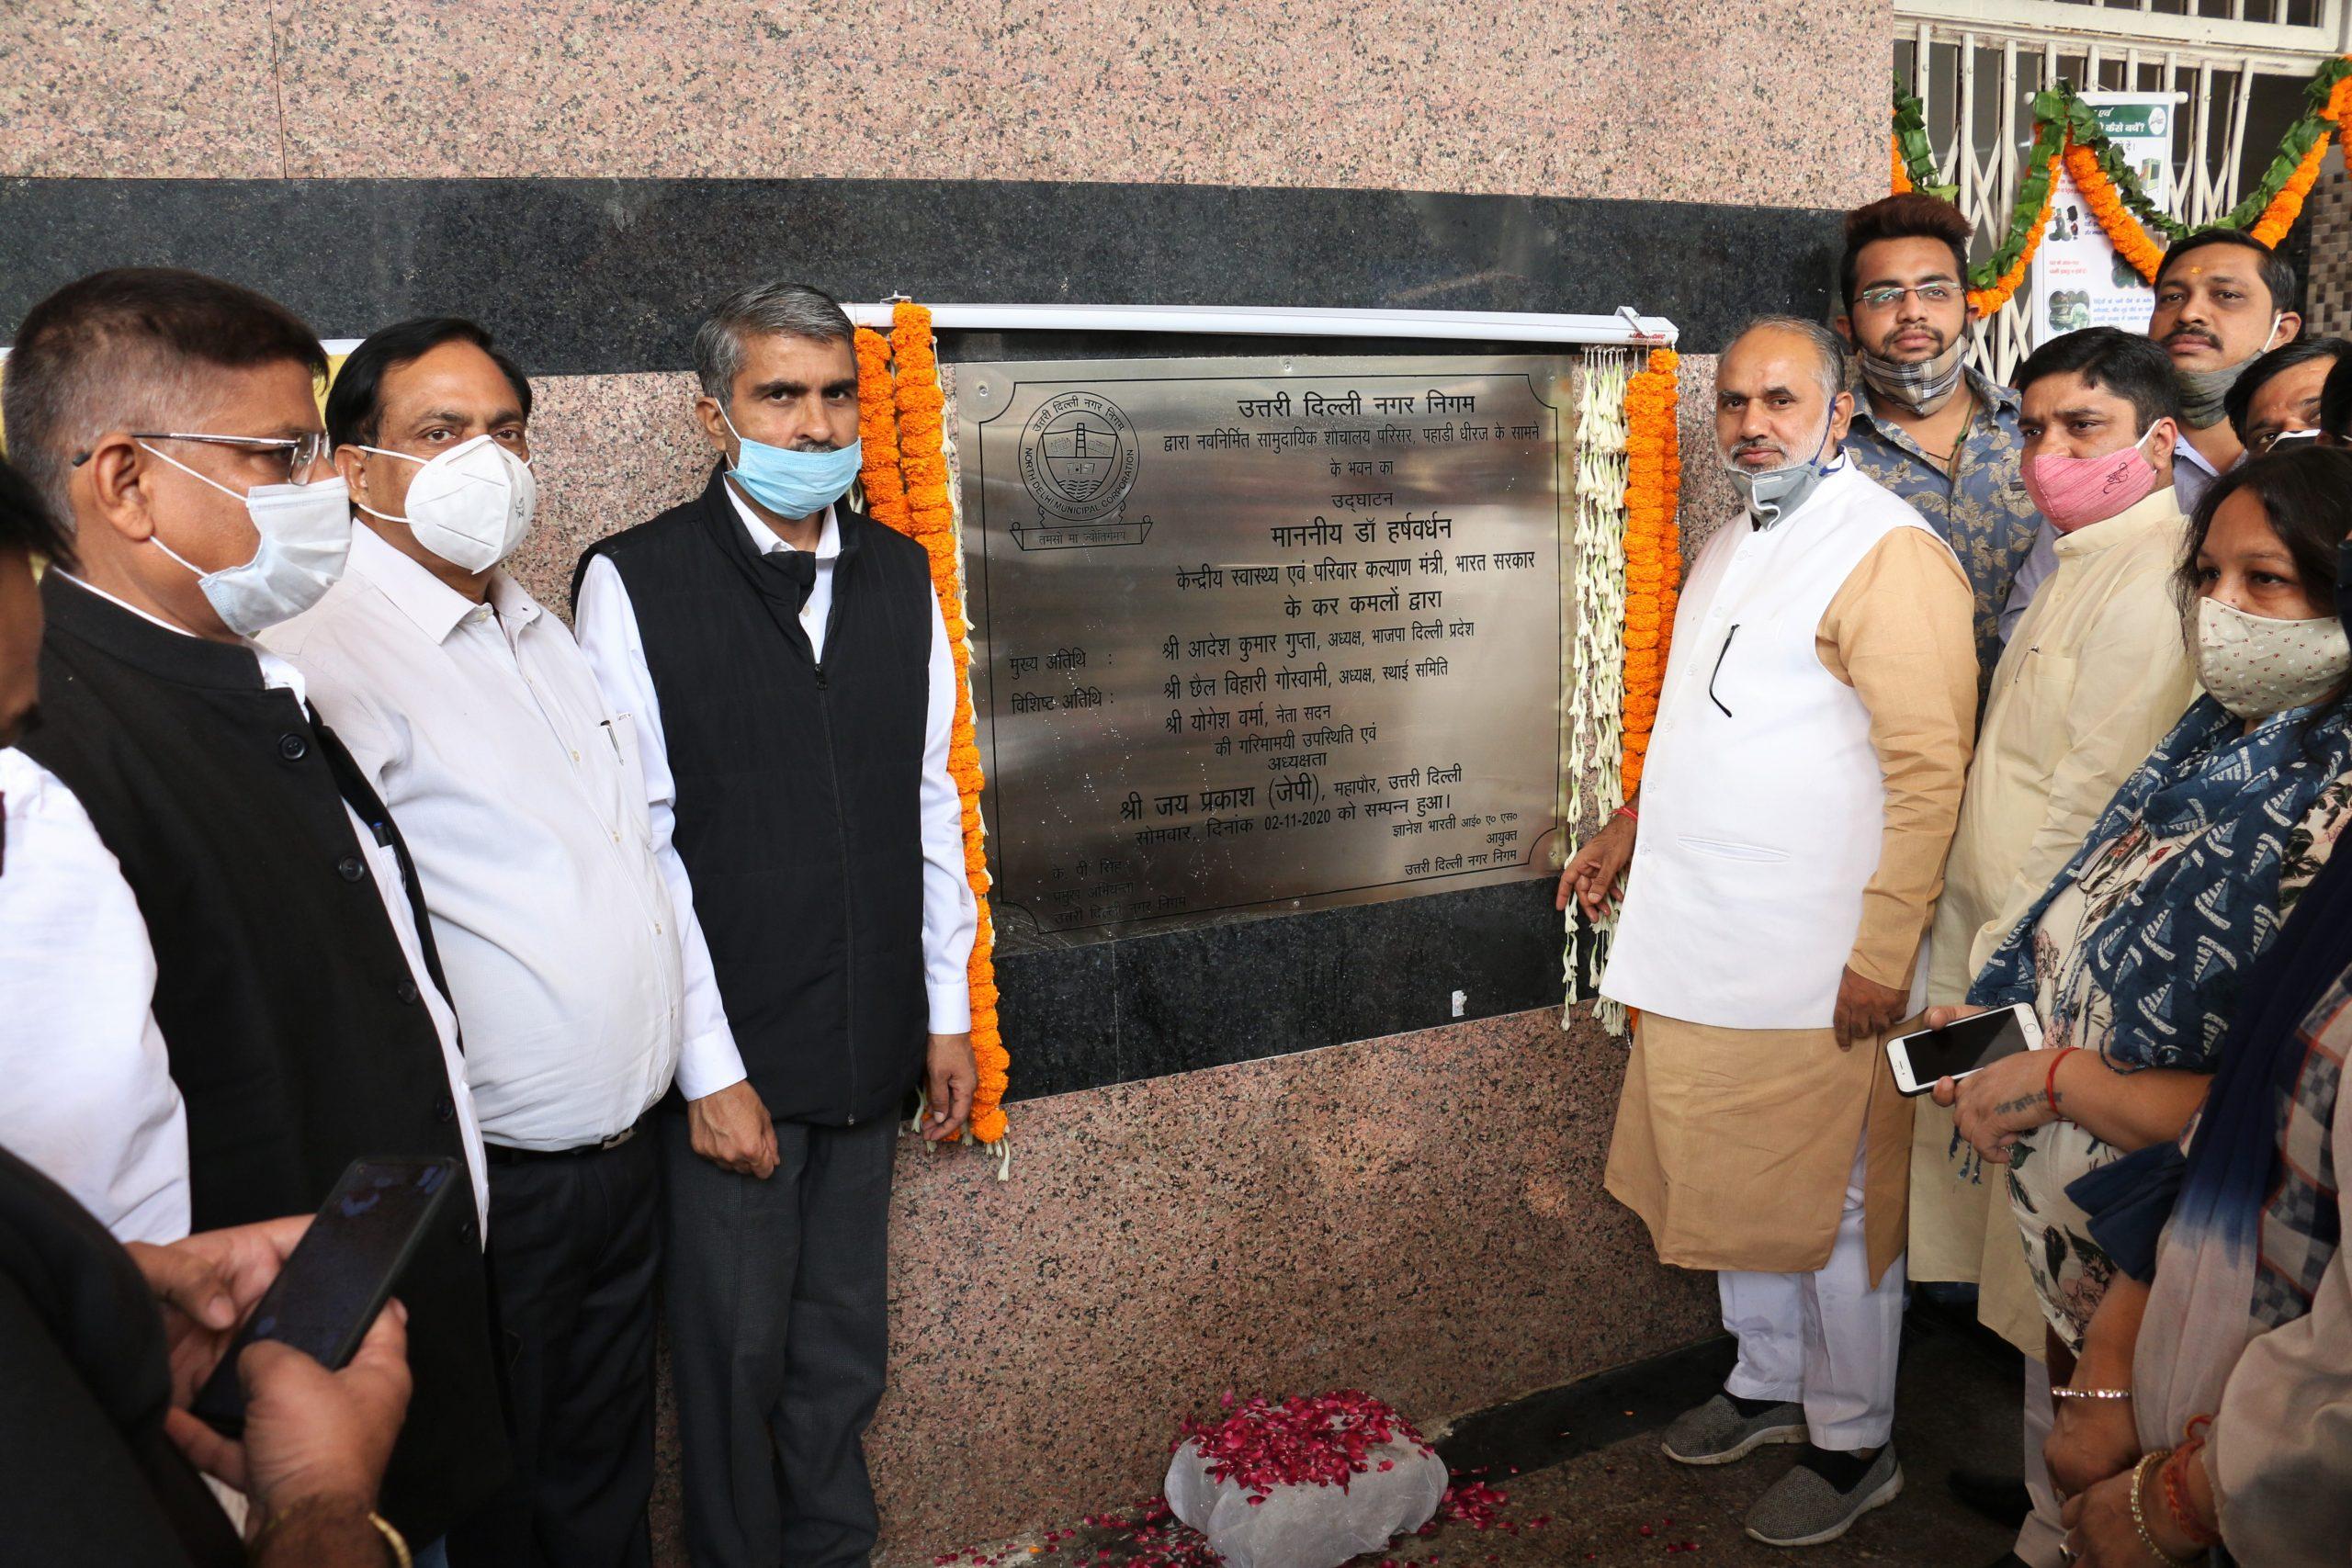 North MCD: उत्तरी दिल्ली के महापौर ने किया तीन सामुदायिक शौचालय परिसरों का उद्घाटन